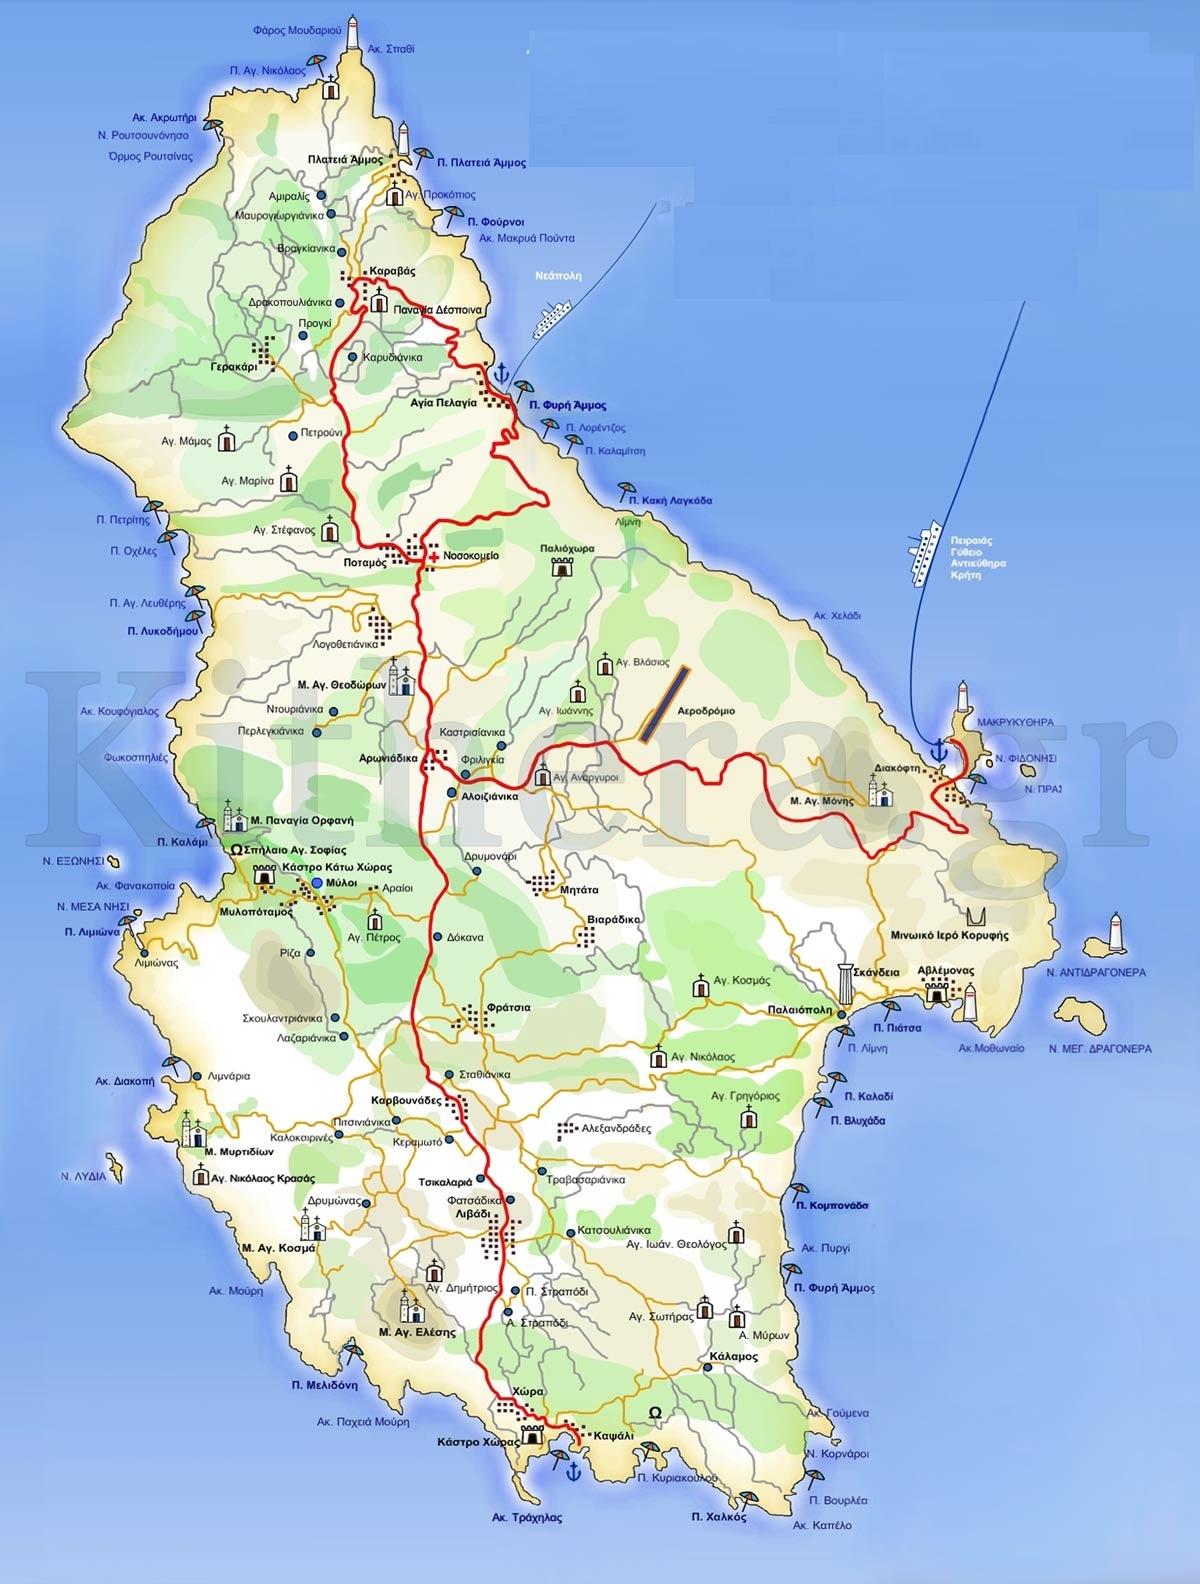 kythira-map